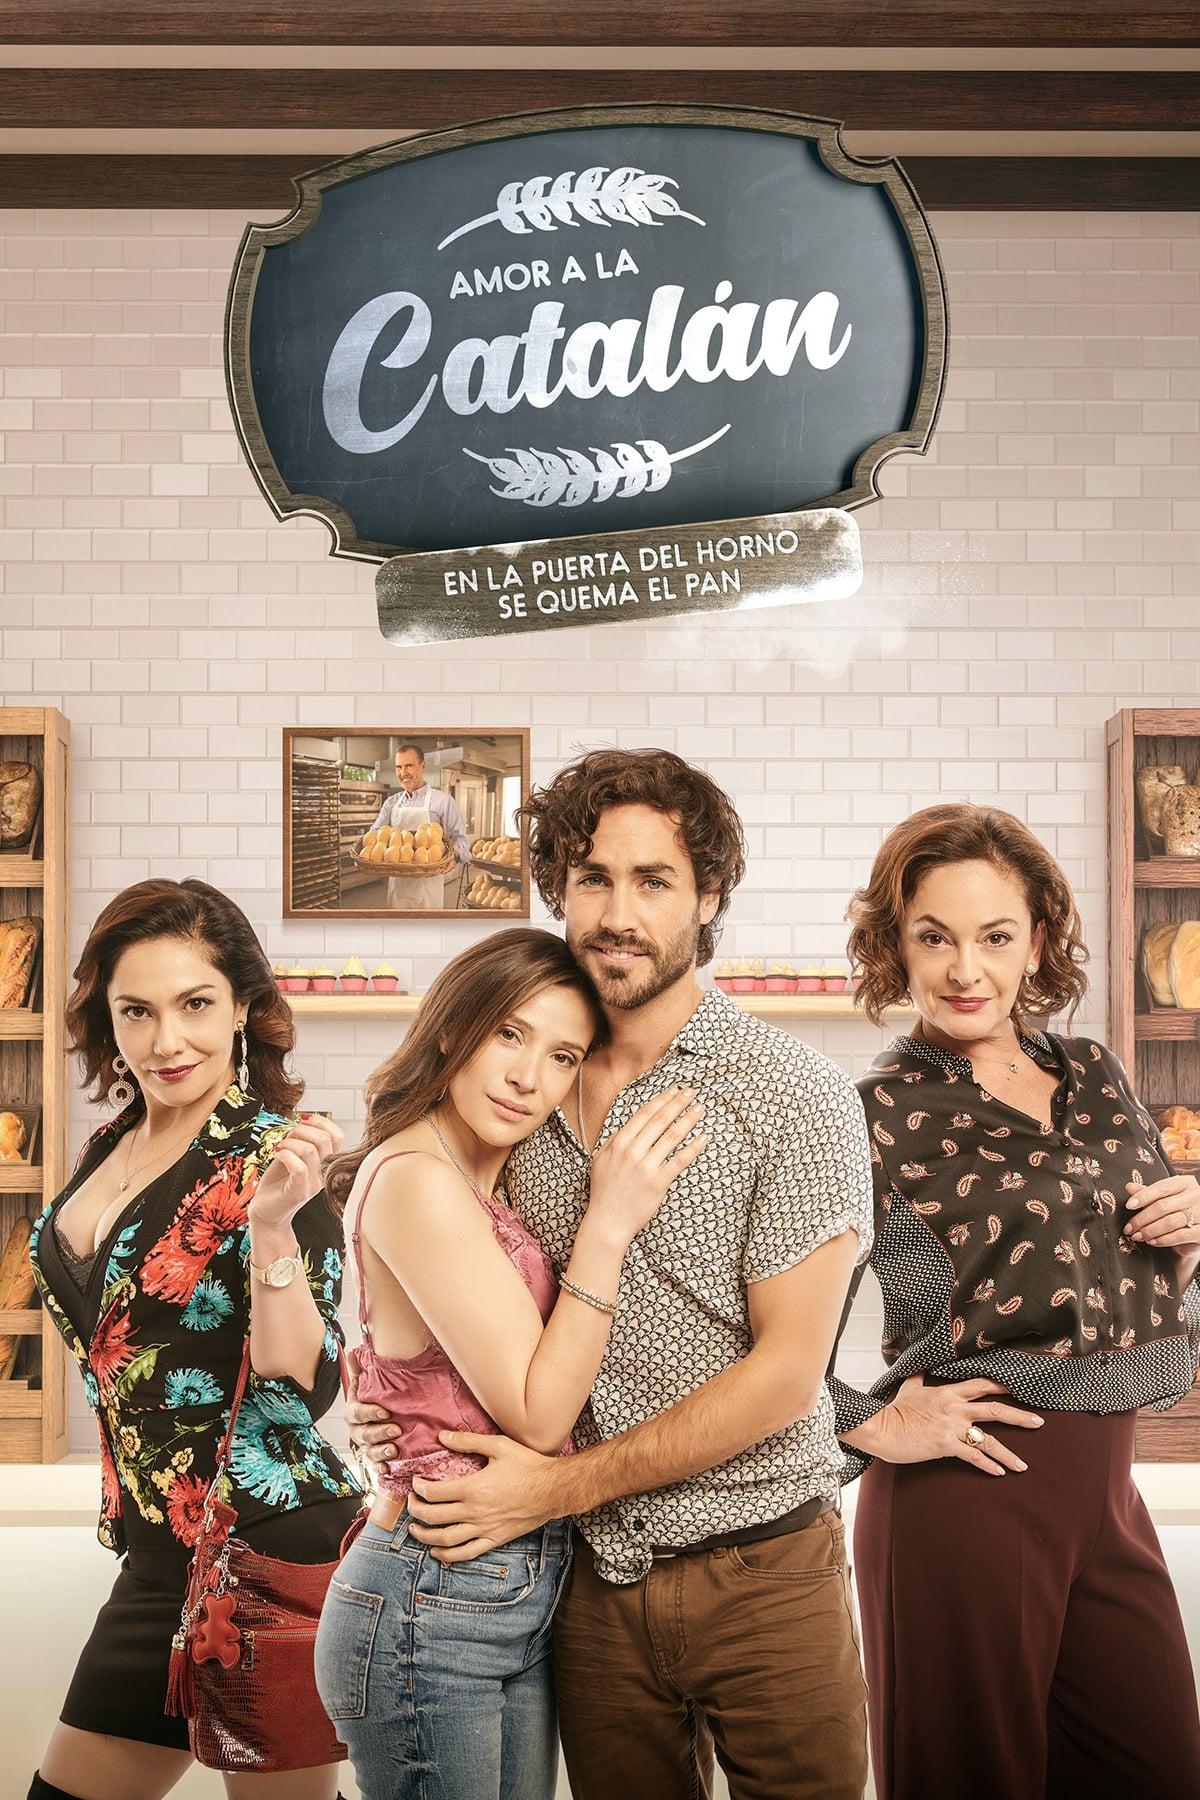 Amor a la Catalán